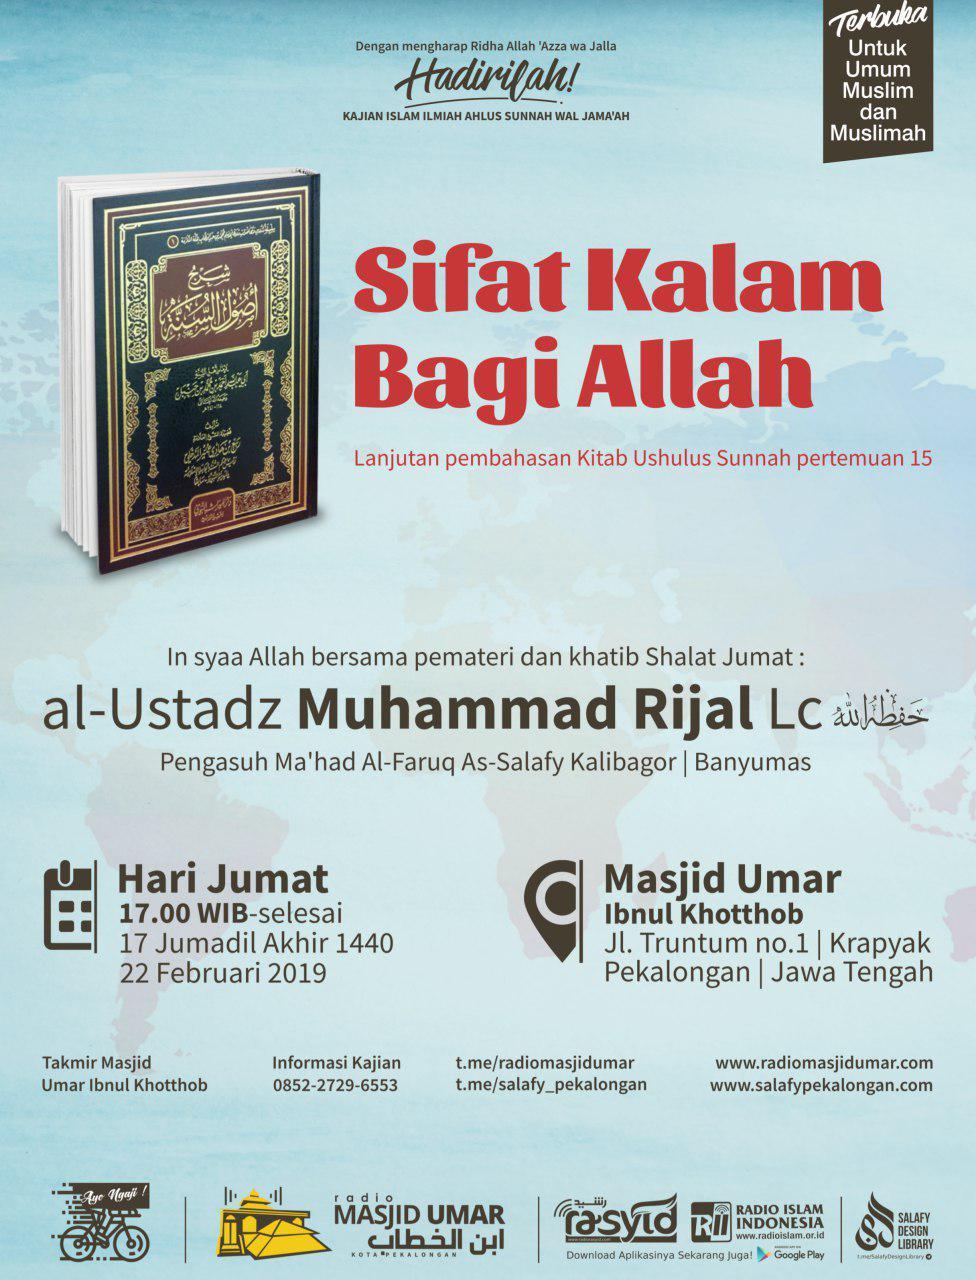 Kajian Ustadz Muhammad Rijal Lc hafidzahullah – 22 Februari 2019